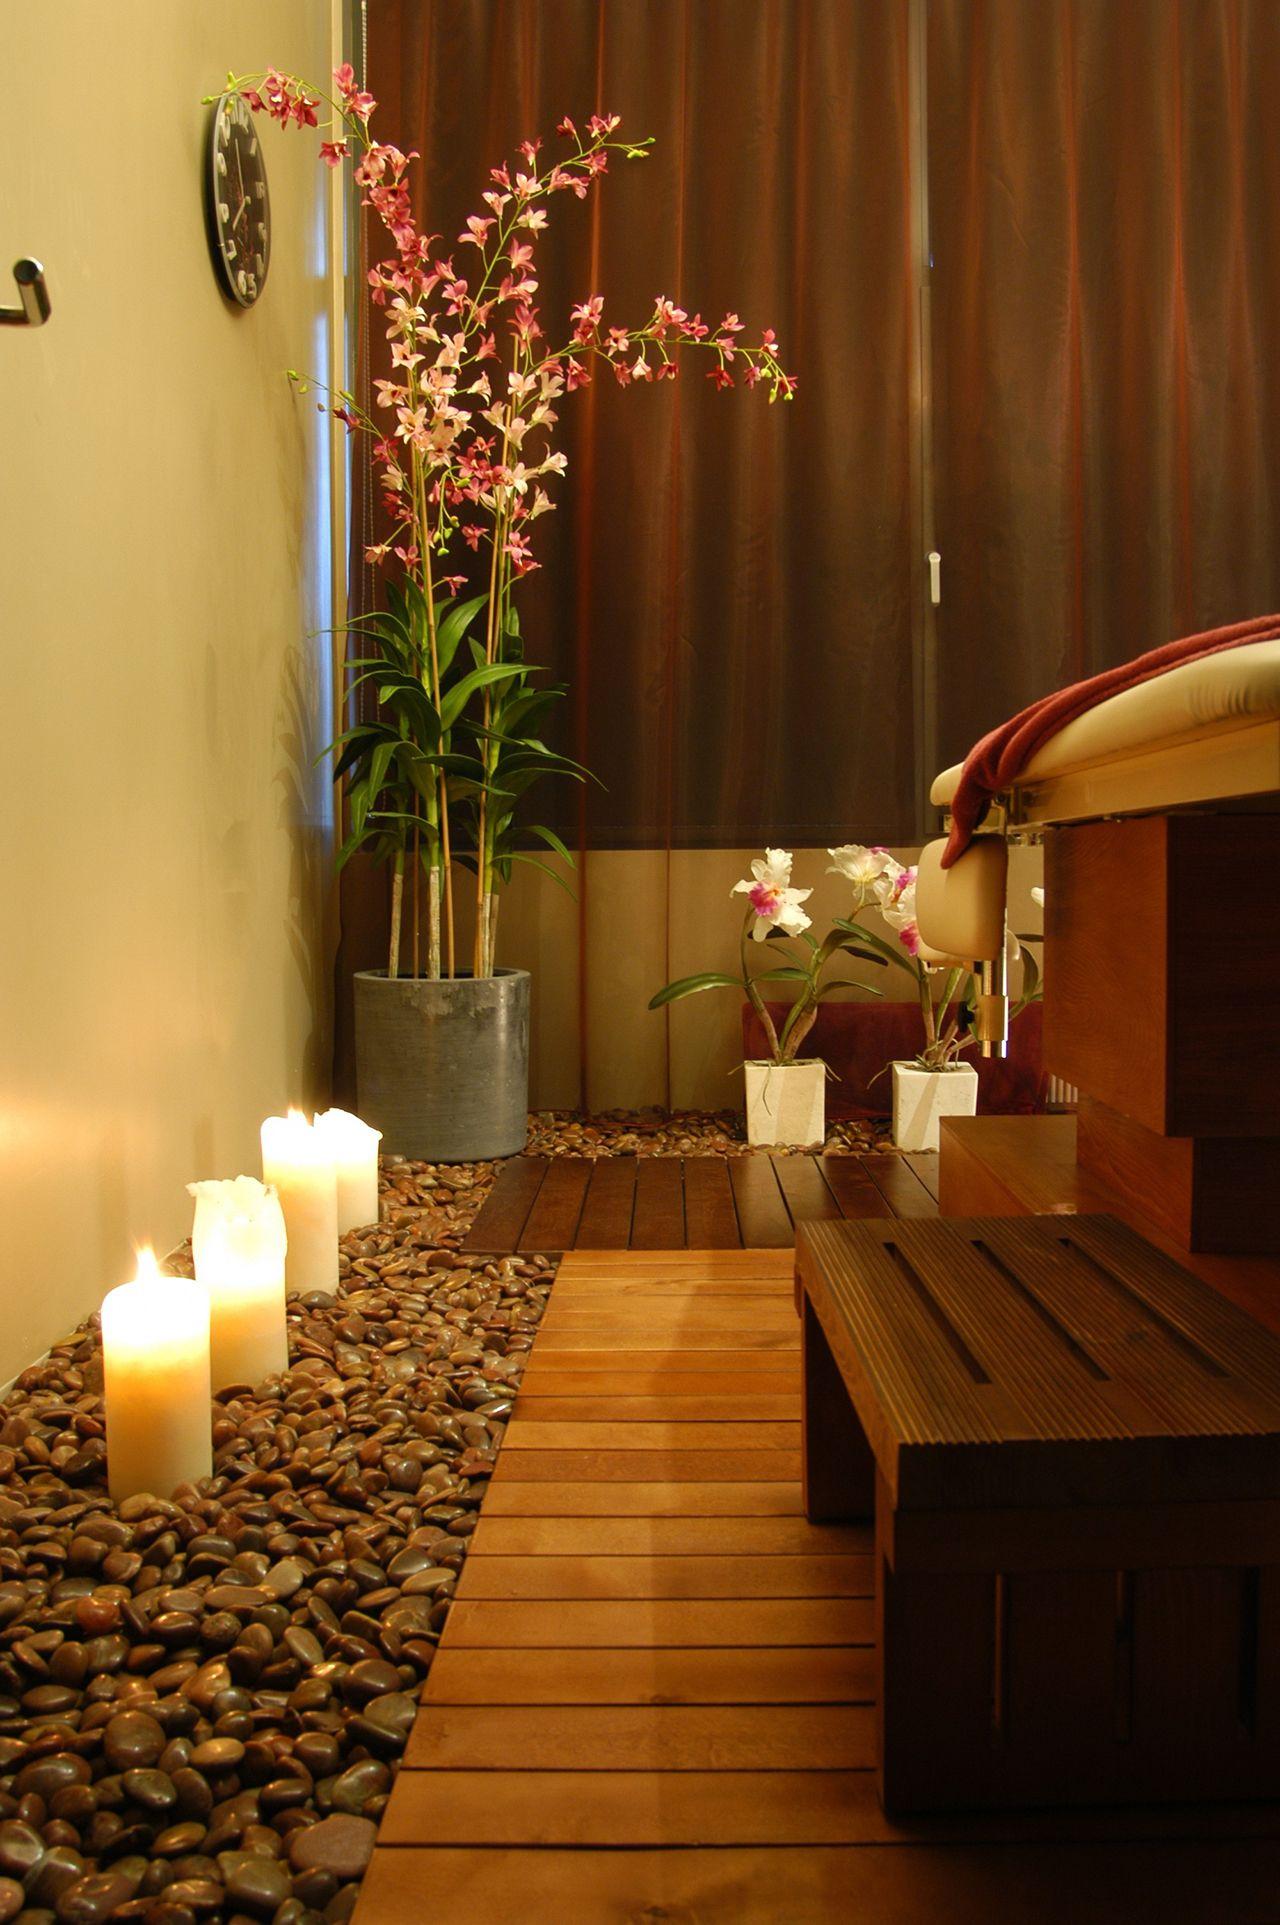 کاربرد شمع در خانه